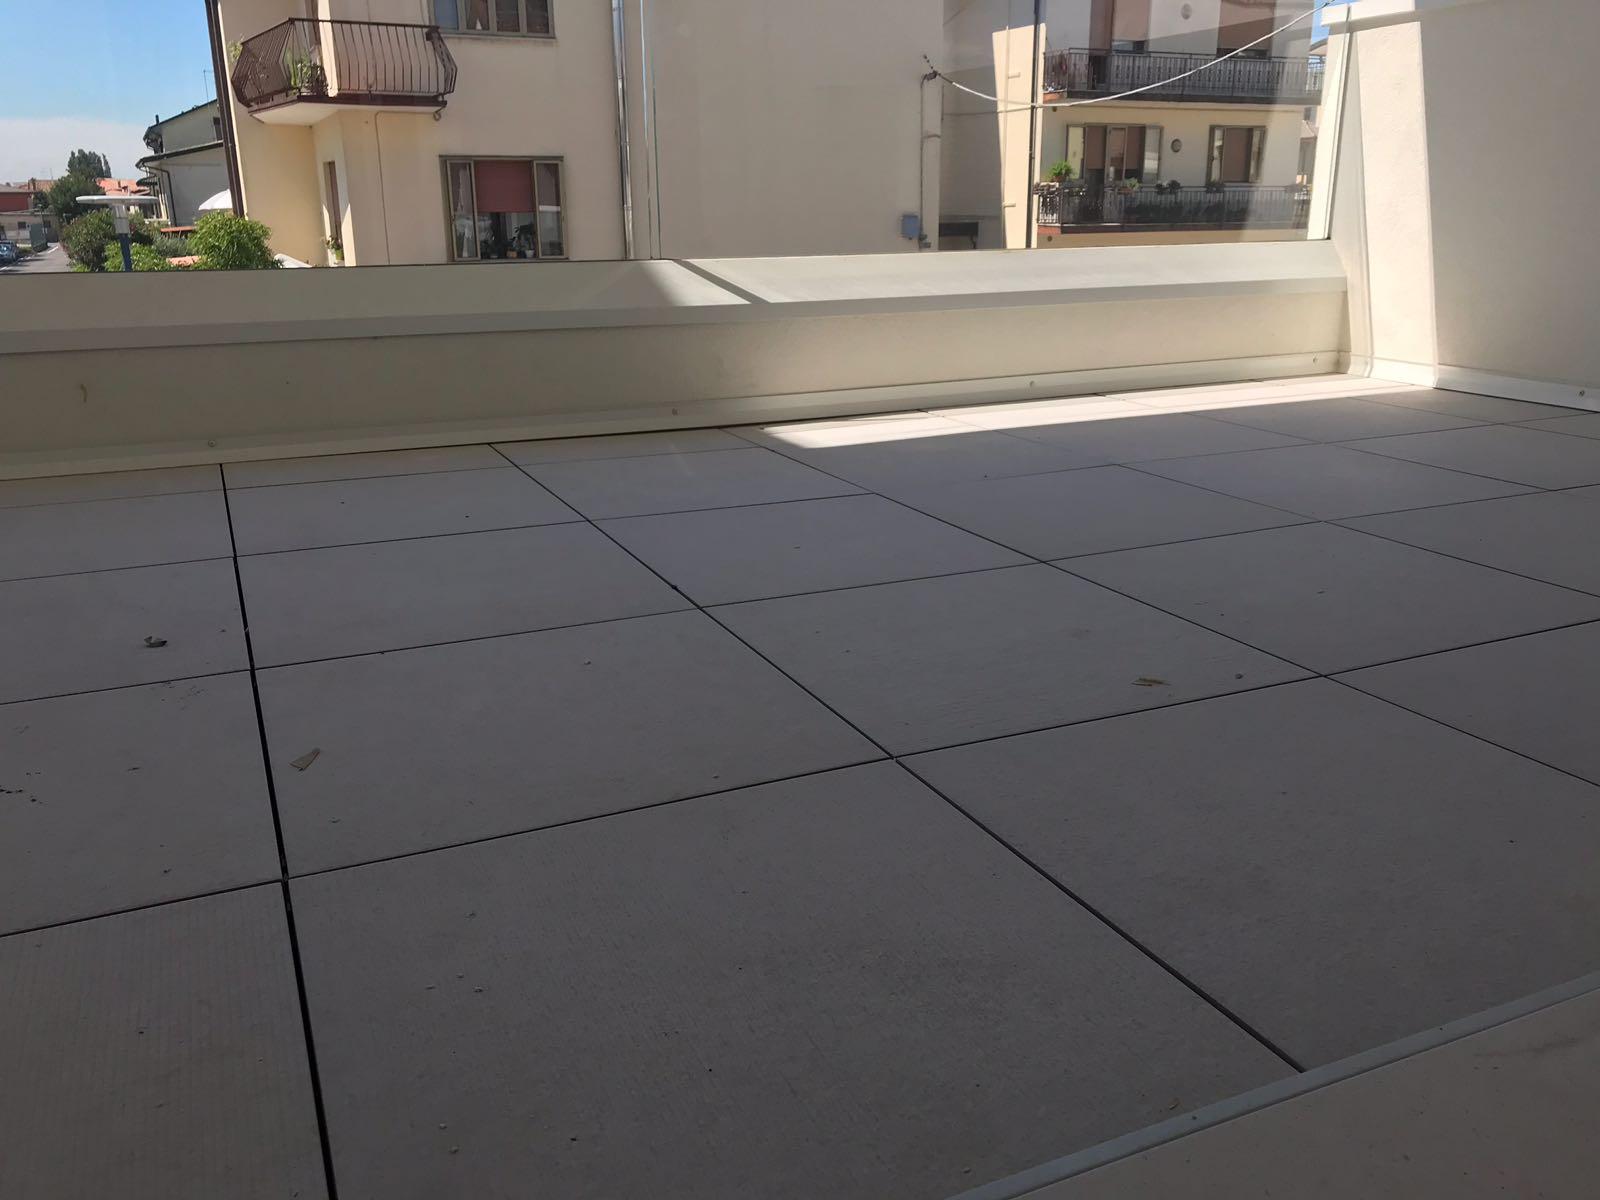 gres spessore 20mm per terrazzi esterni | Ceramiche Zanibellato